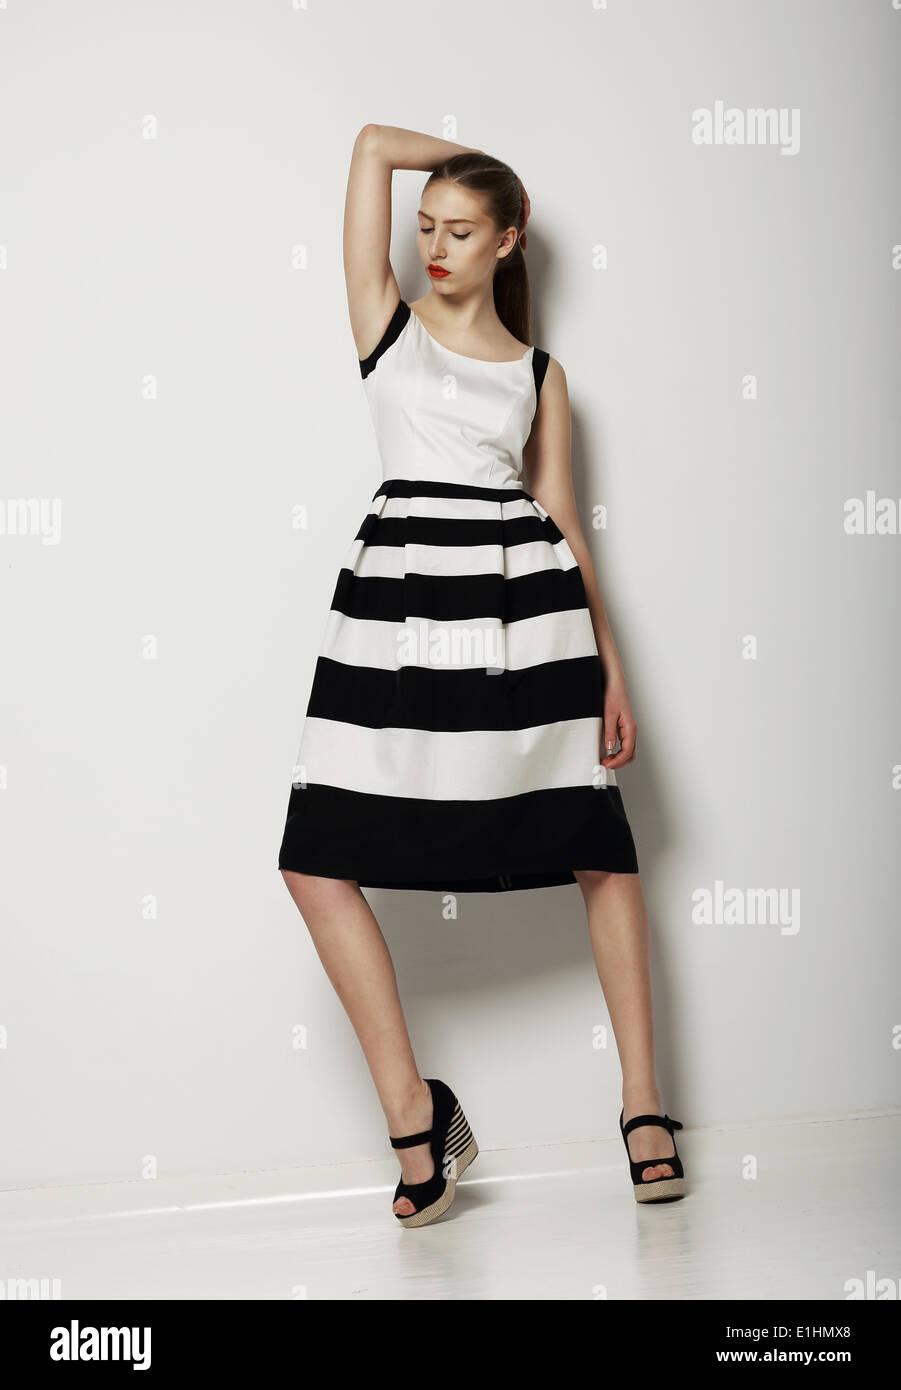 L'individualisme. Jeune femme confiante en revanche Sundress légers Photo Stock